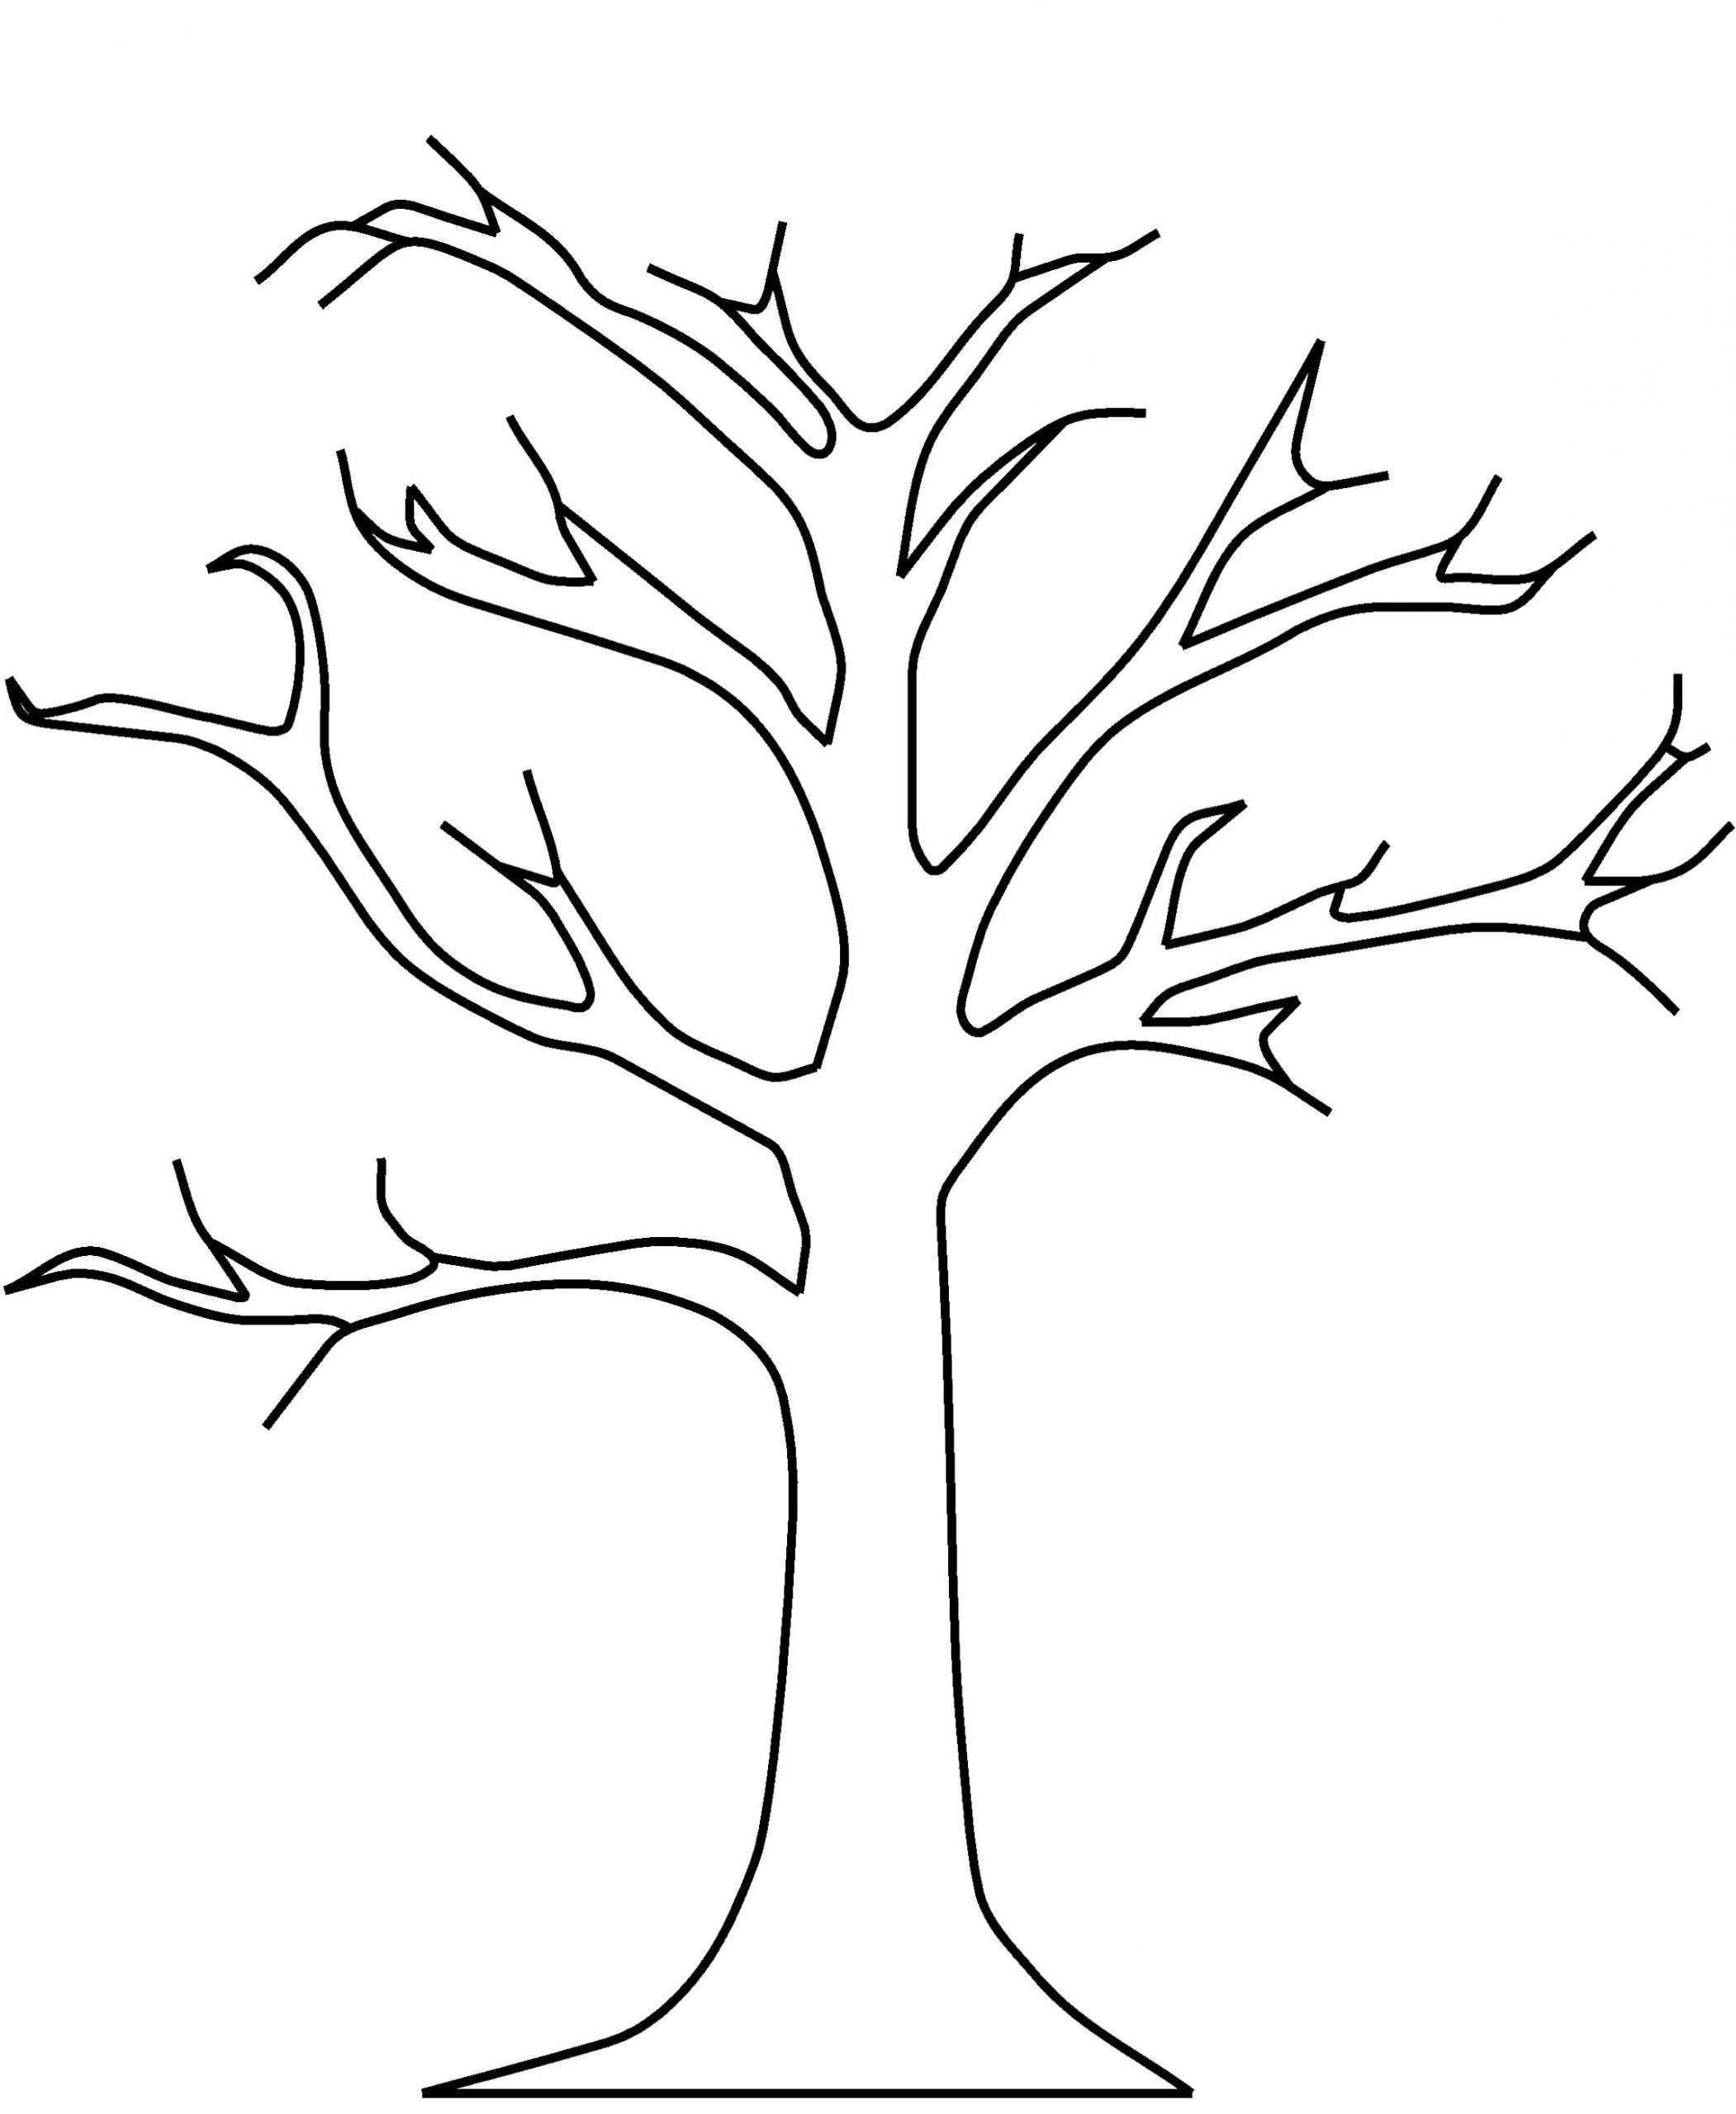 Apple Tree Without Leaves Coloring Pages Baum Umriss In 2020 Baum Vorlage Blattschablone Malvorlagen